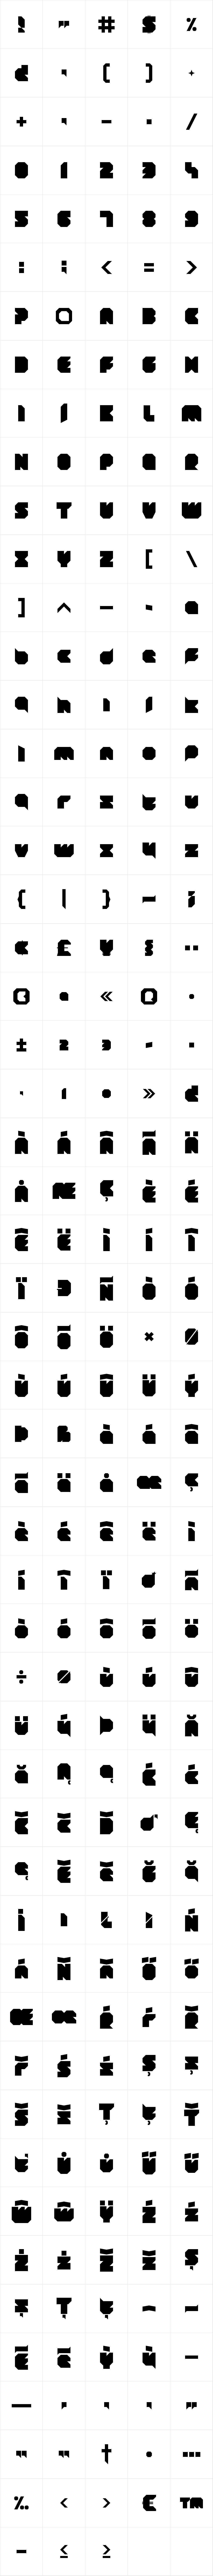 Blob Square